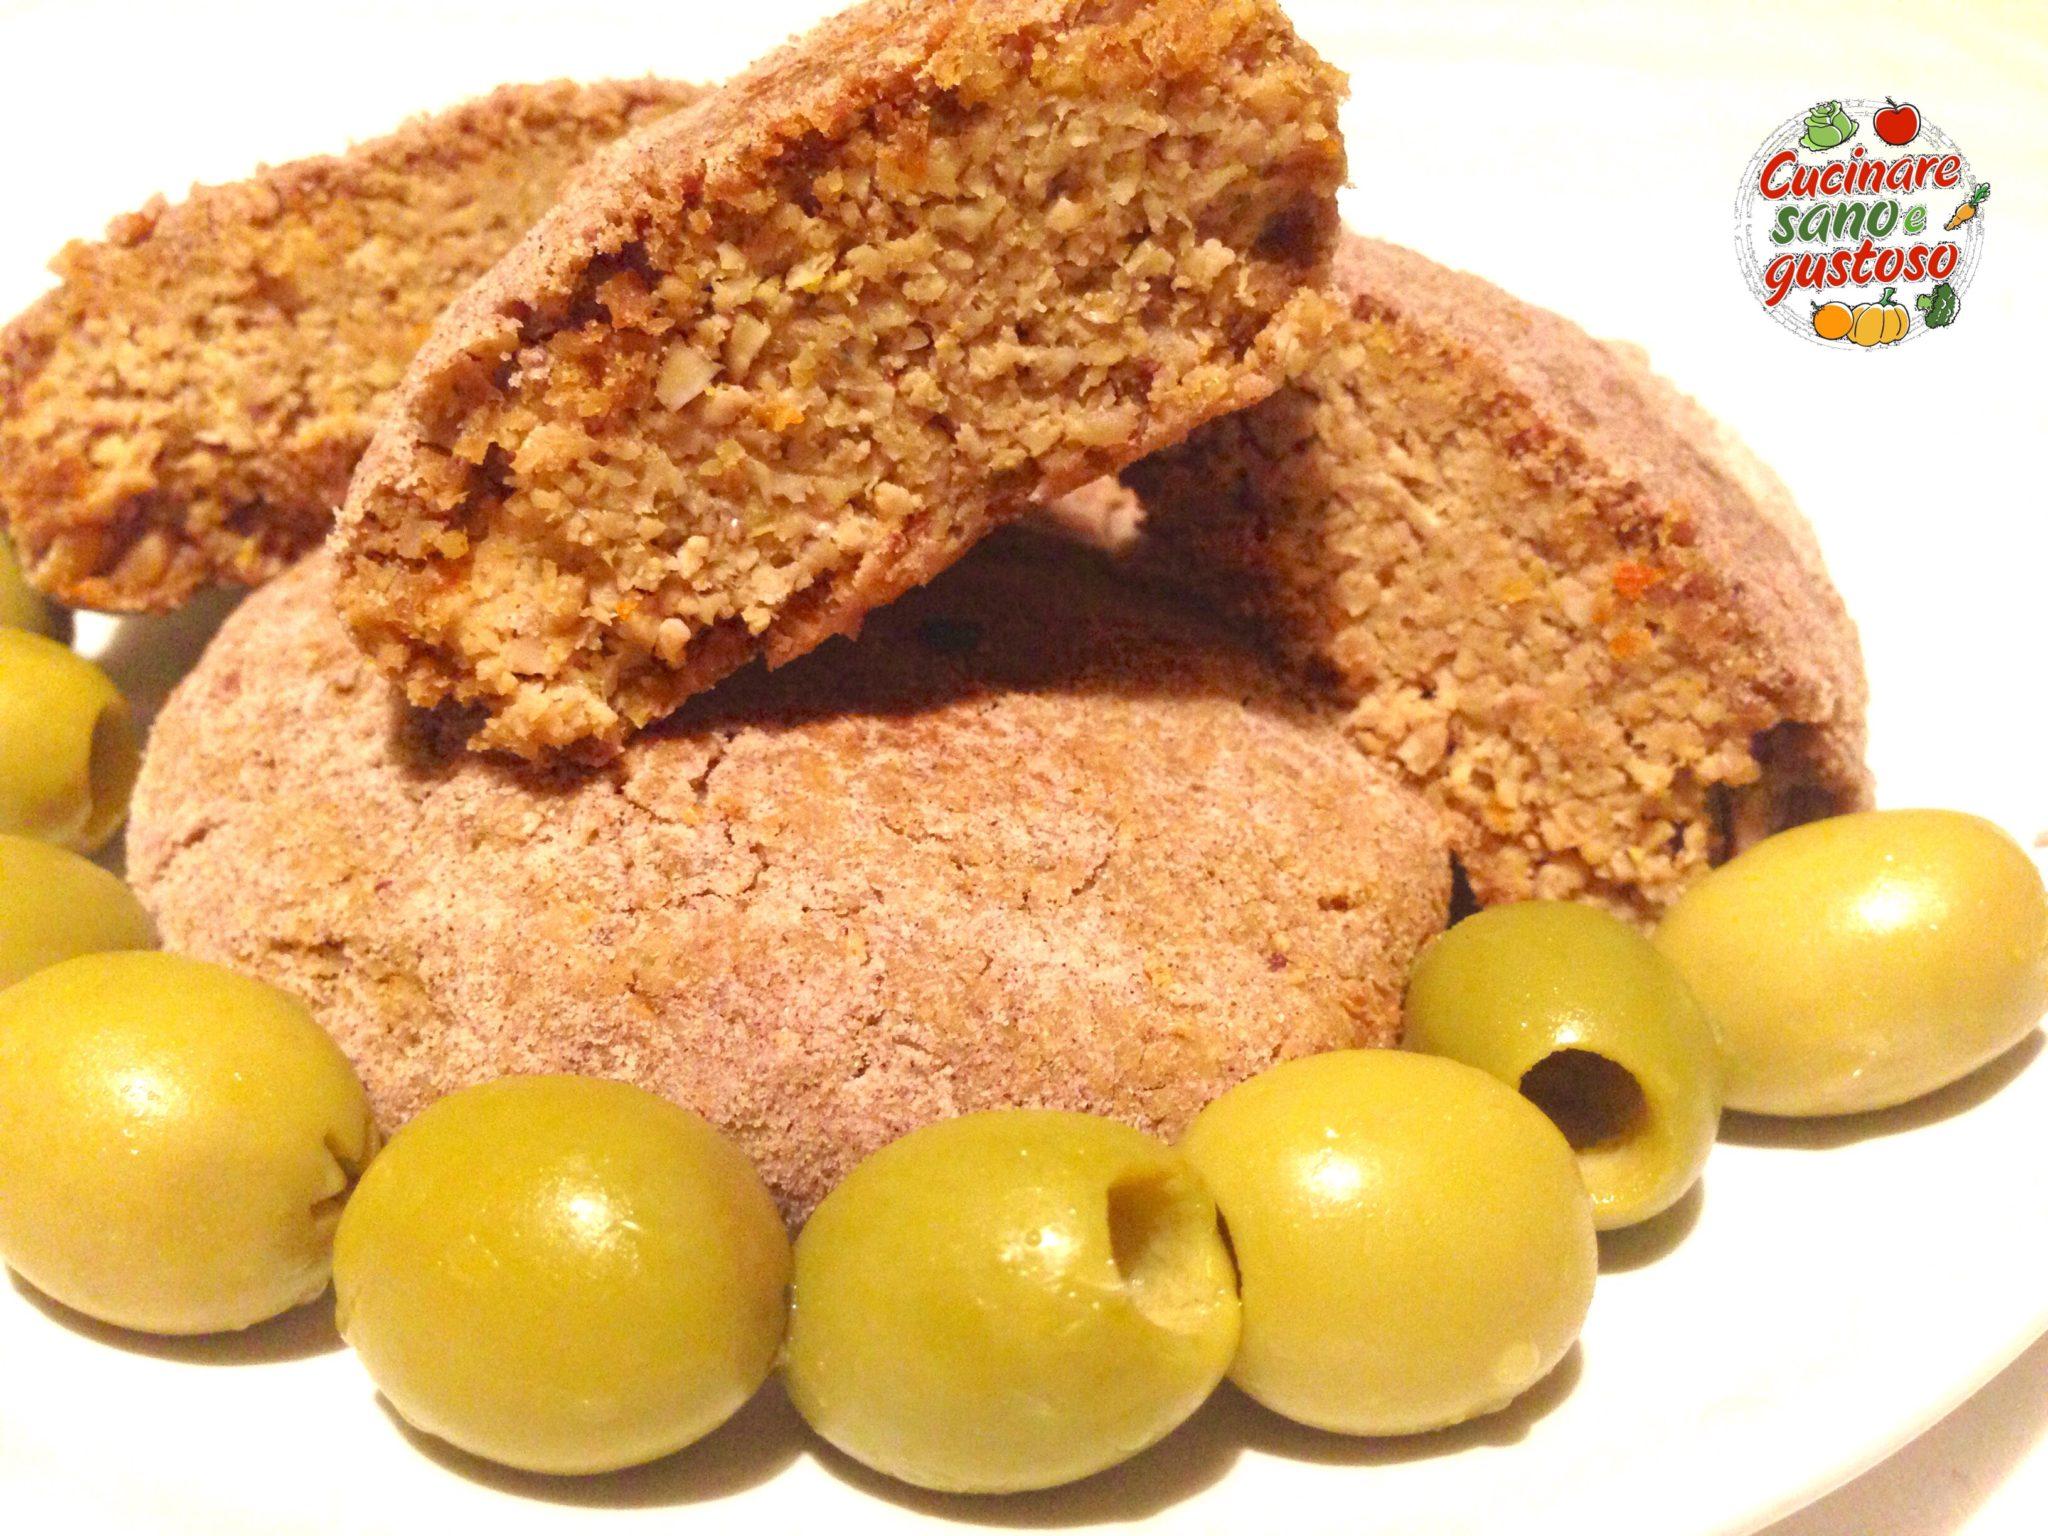 Cotolette di soia profumate cucinare sano e gustoso - Cucinare sano e gustoso ...